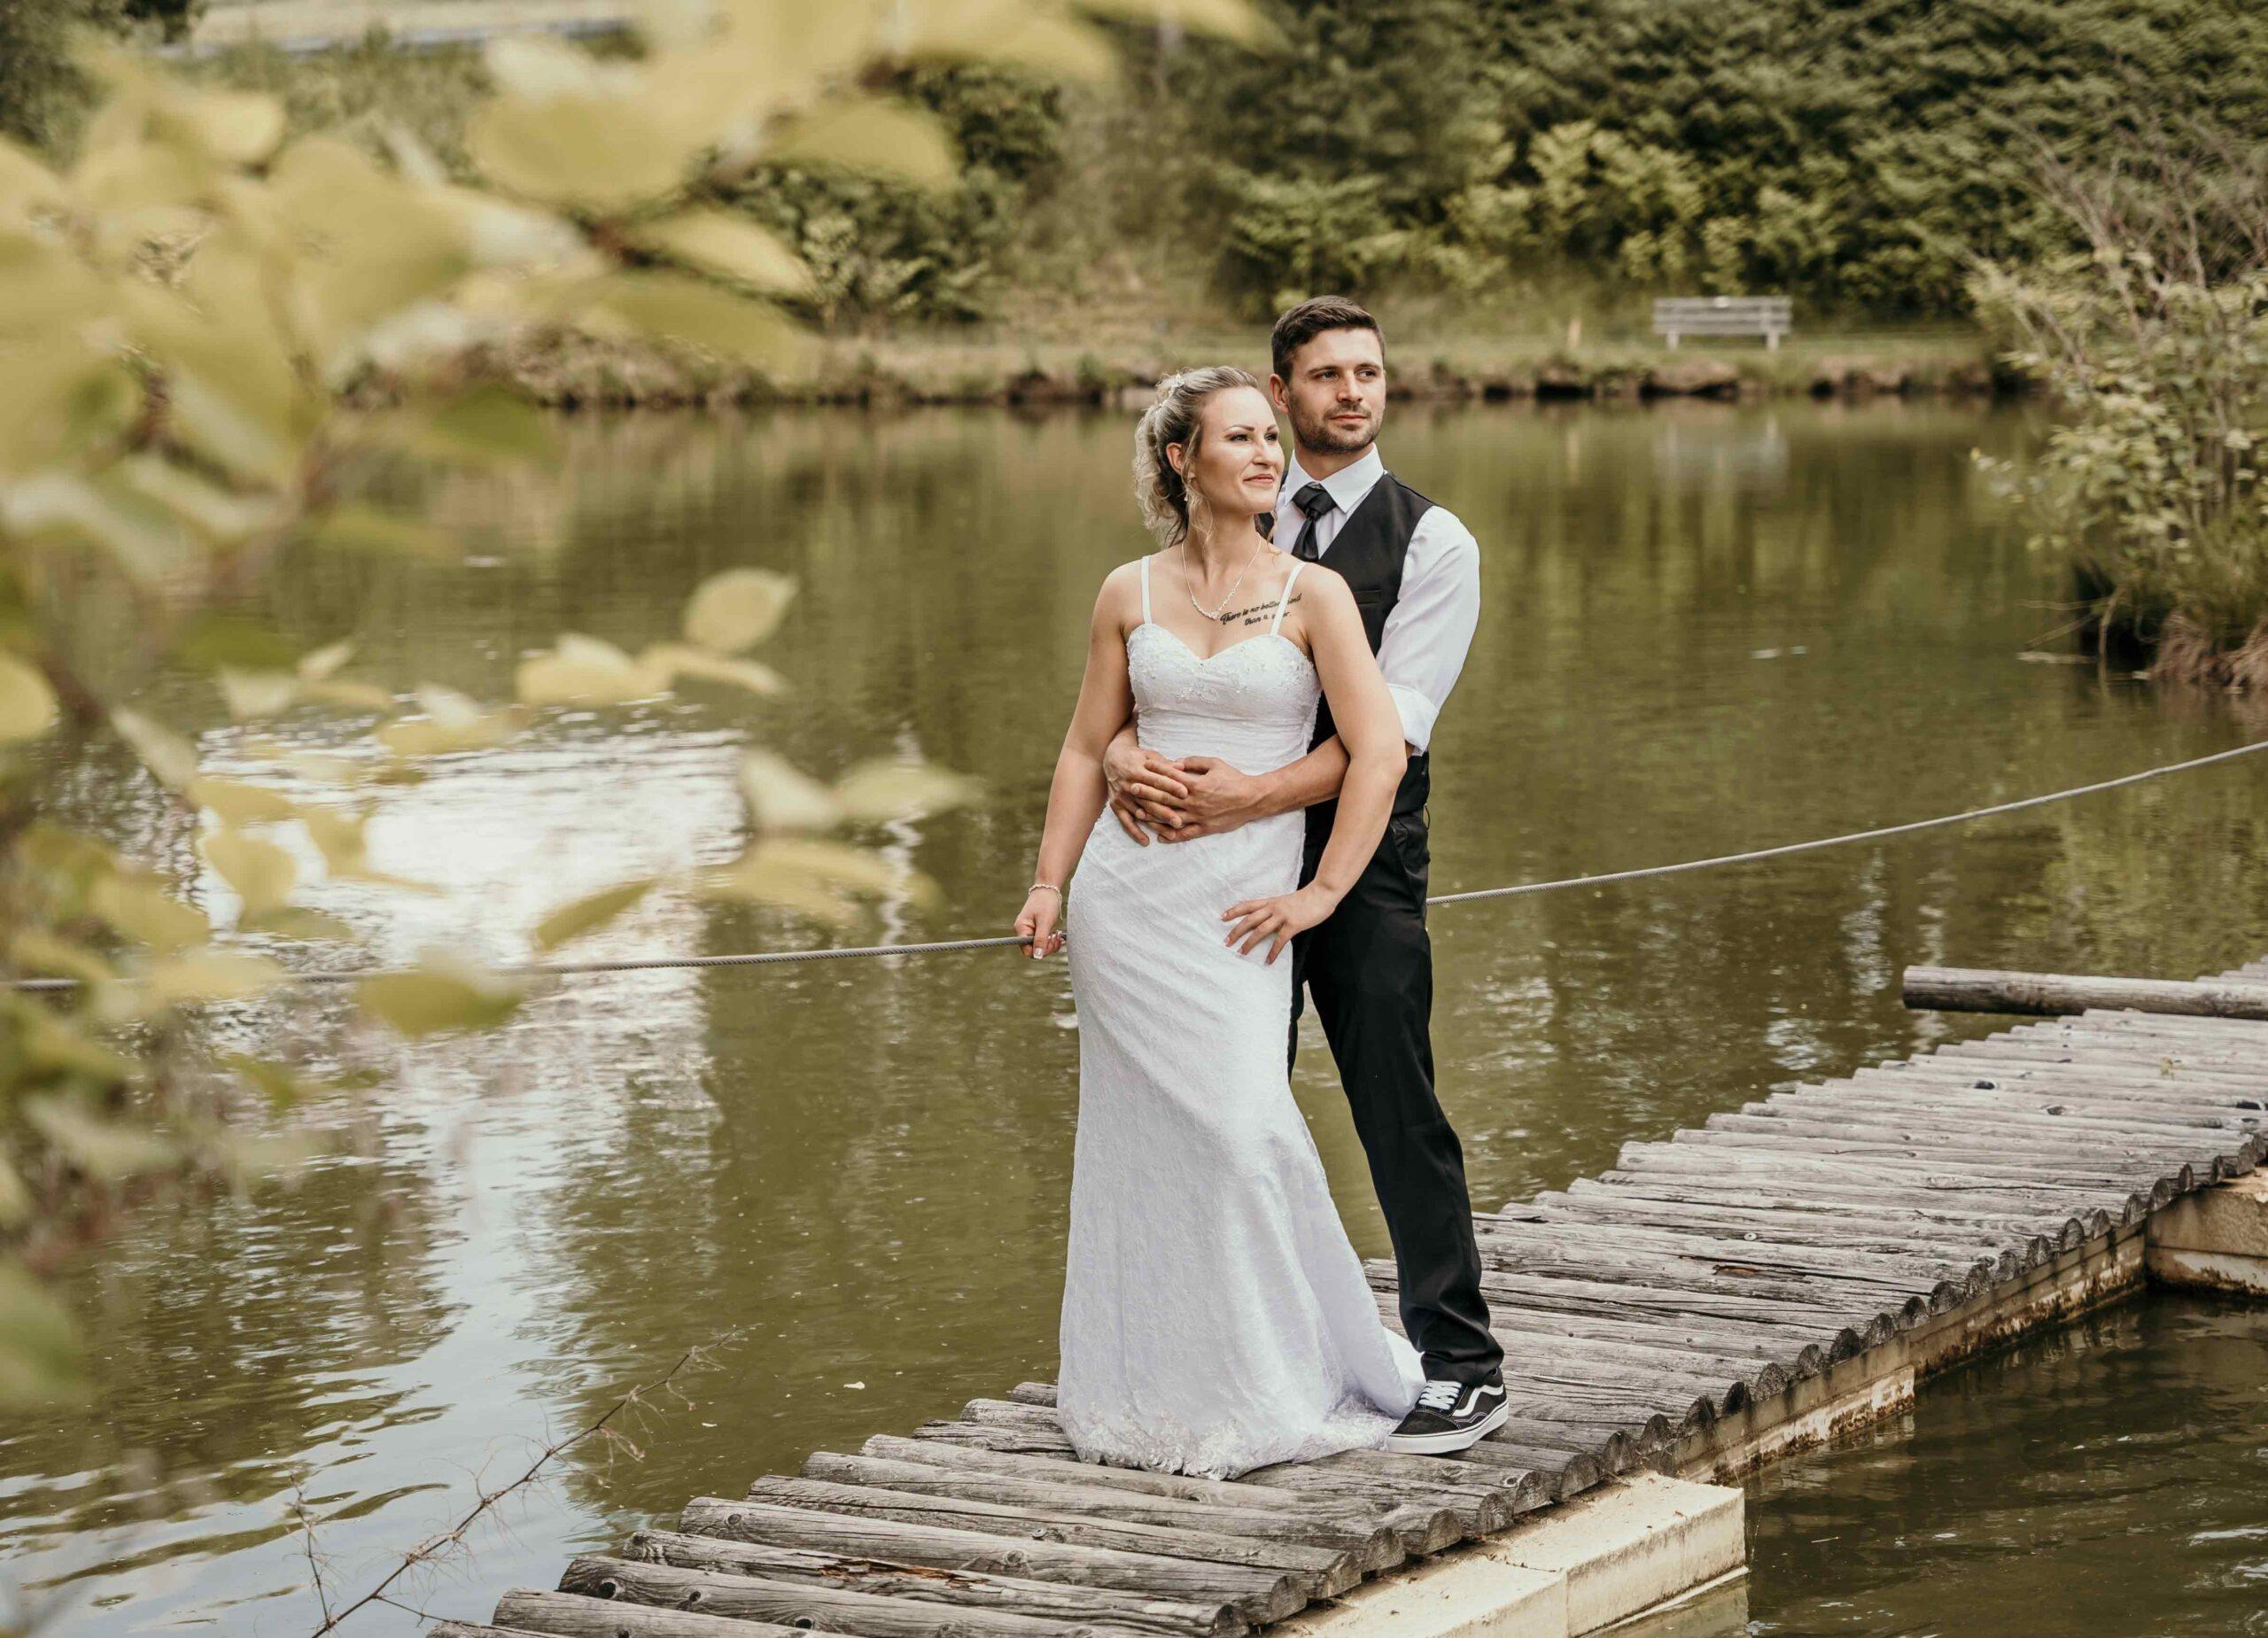 BrautpaarshootingHochzeitsreportageFotografRegenDeggendorfStraubingZwieselGrafenau scaled - Hochzeitsreportage